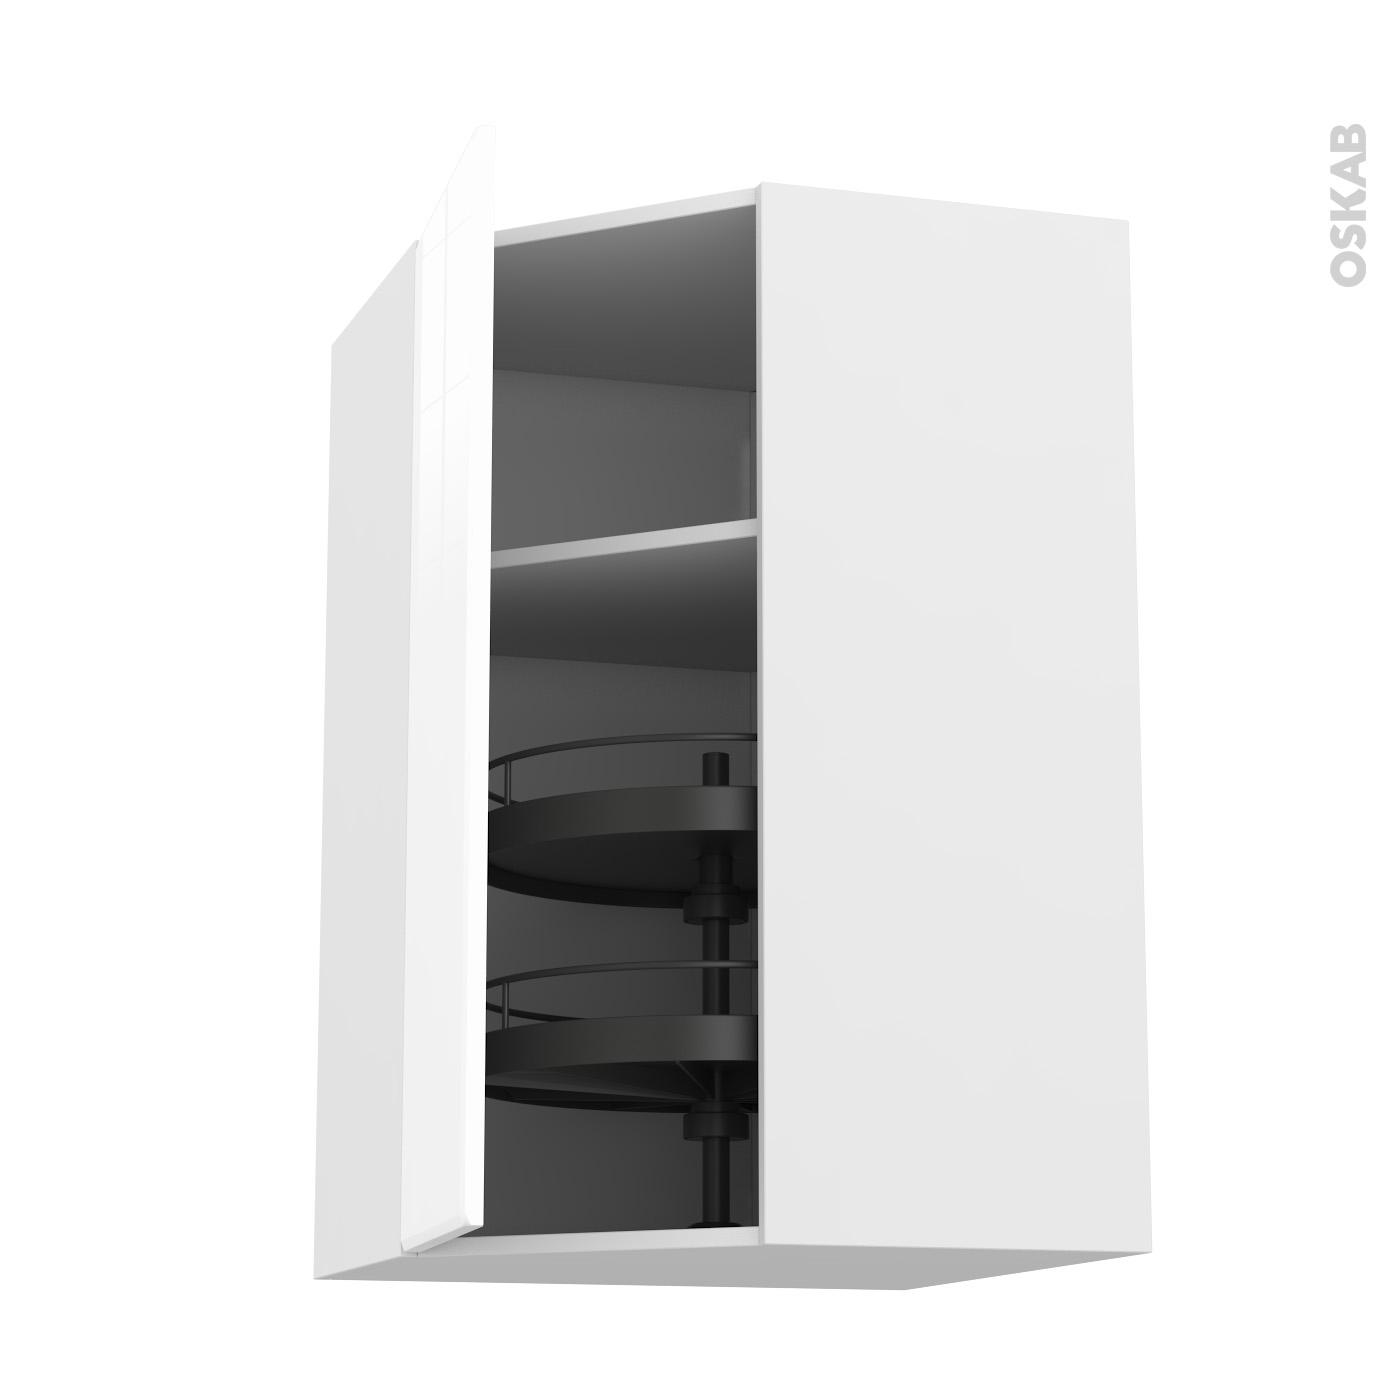 Meuble de cuisine Angle haut IRIS Blanc, Tourniquet 11 porte N°11 L11 cm,  L11 x H11 x P11 cm